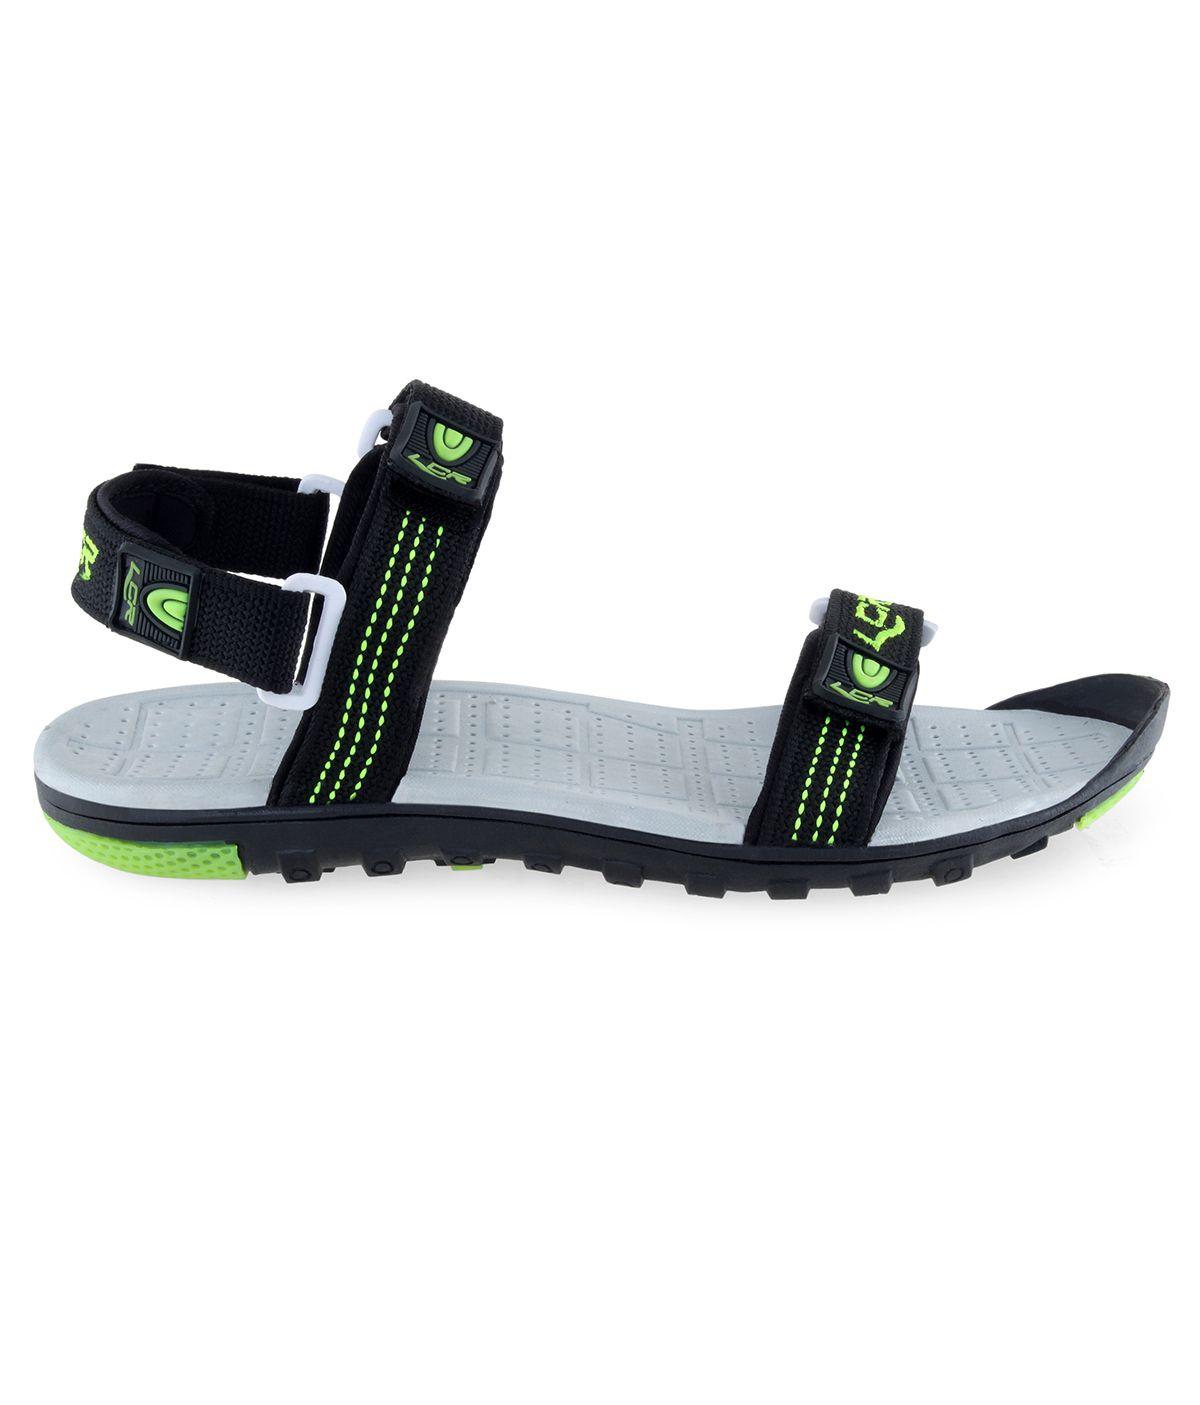 Lancer EARTH-1BLK-PGN Black Floater Sandals clearance affordable lyagKas